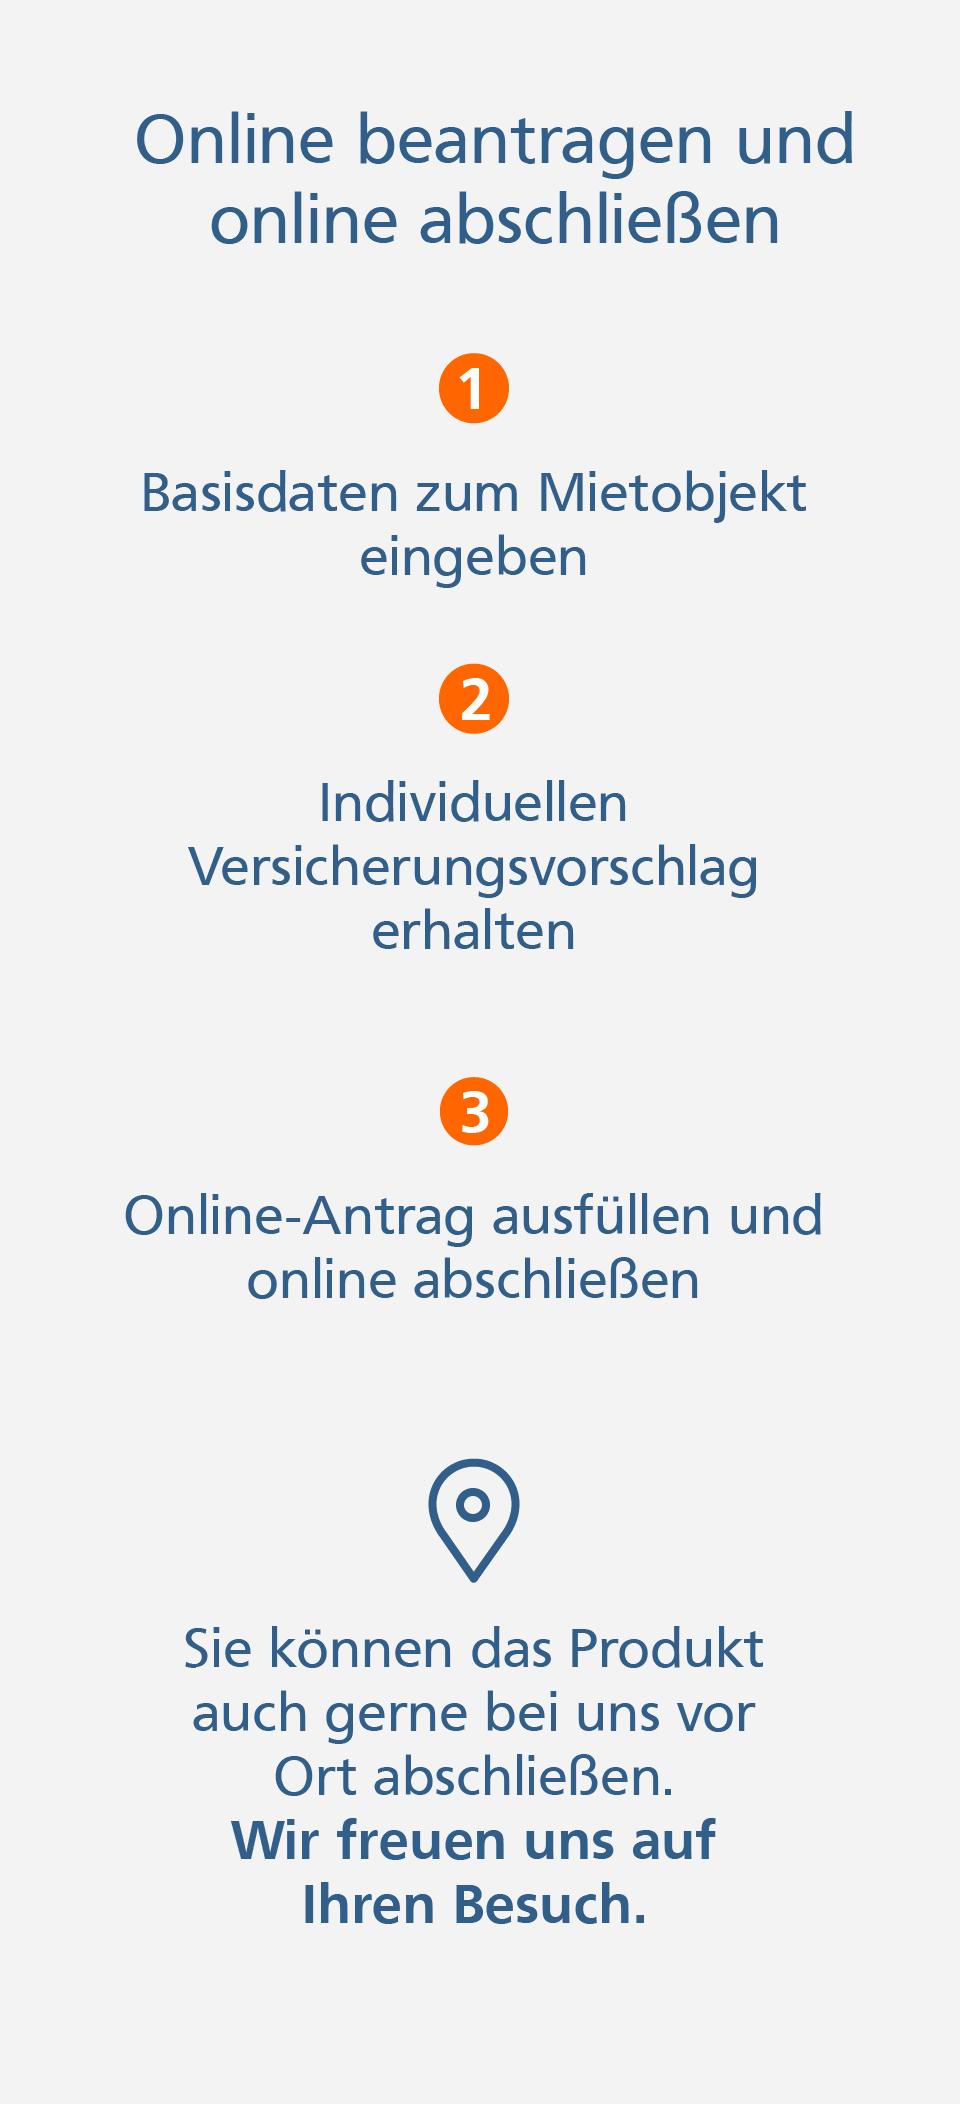 Mietbürgschaft online beantragen und abschließen: 1. Basisdaten zum Mietobjekt eingeben, 2. Individuellen Versicherungsvorschlag erhalten, 3. Online-Antrag ausfüllen und online abschließen